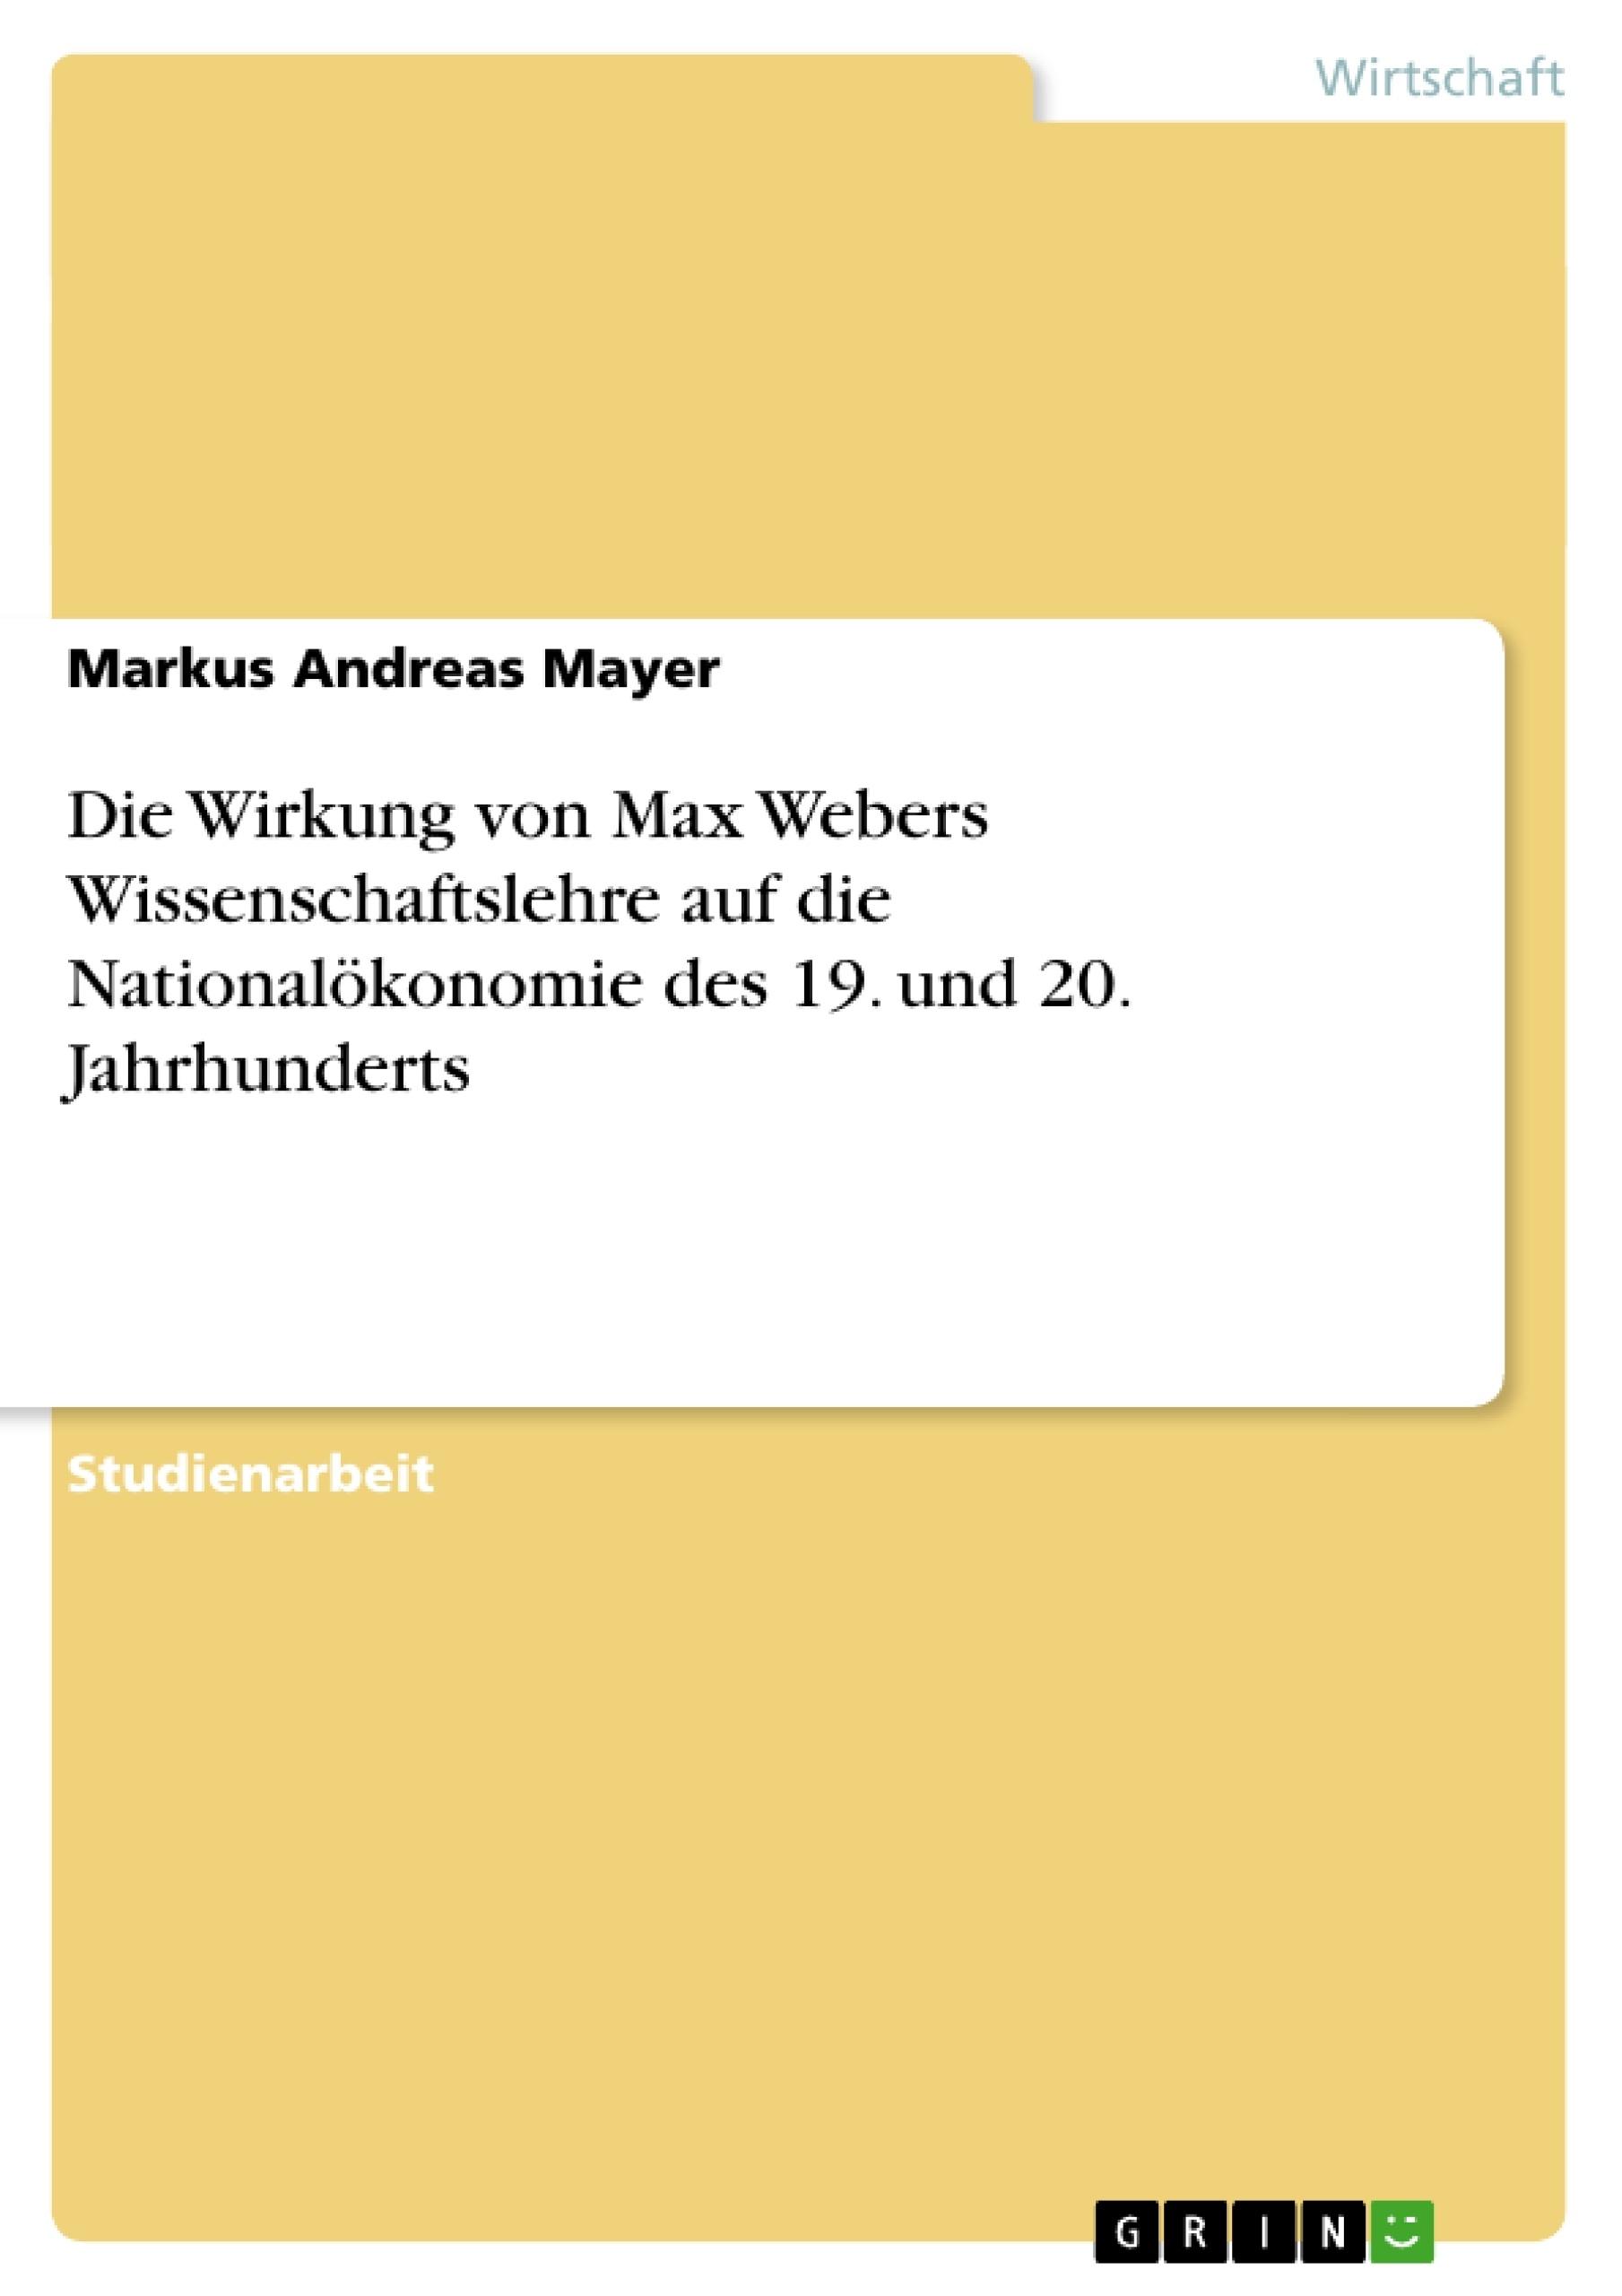 Titel: Die Wirkung von Max Webers Wissenschaftslehre auf die Nationalökonomie des 19. und 20. Jahrhunderts